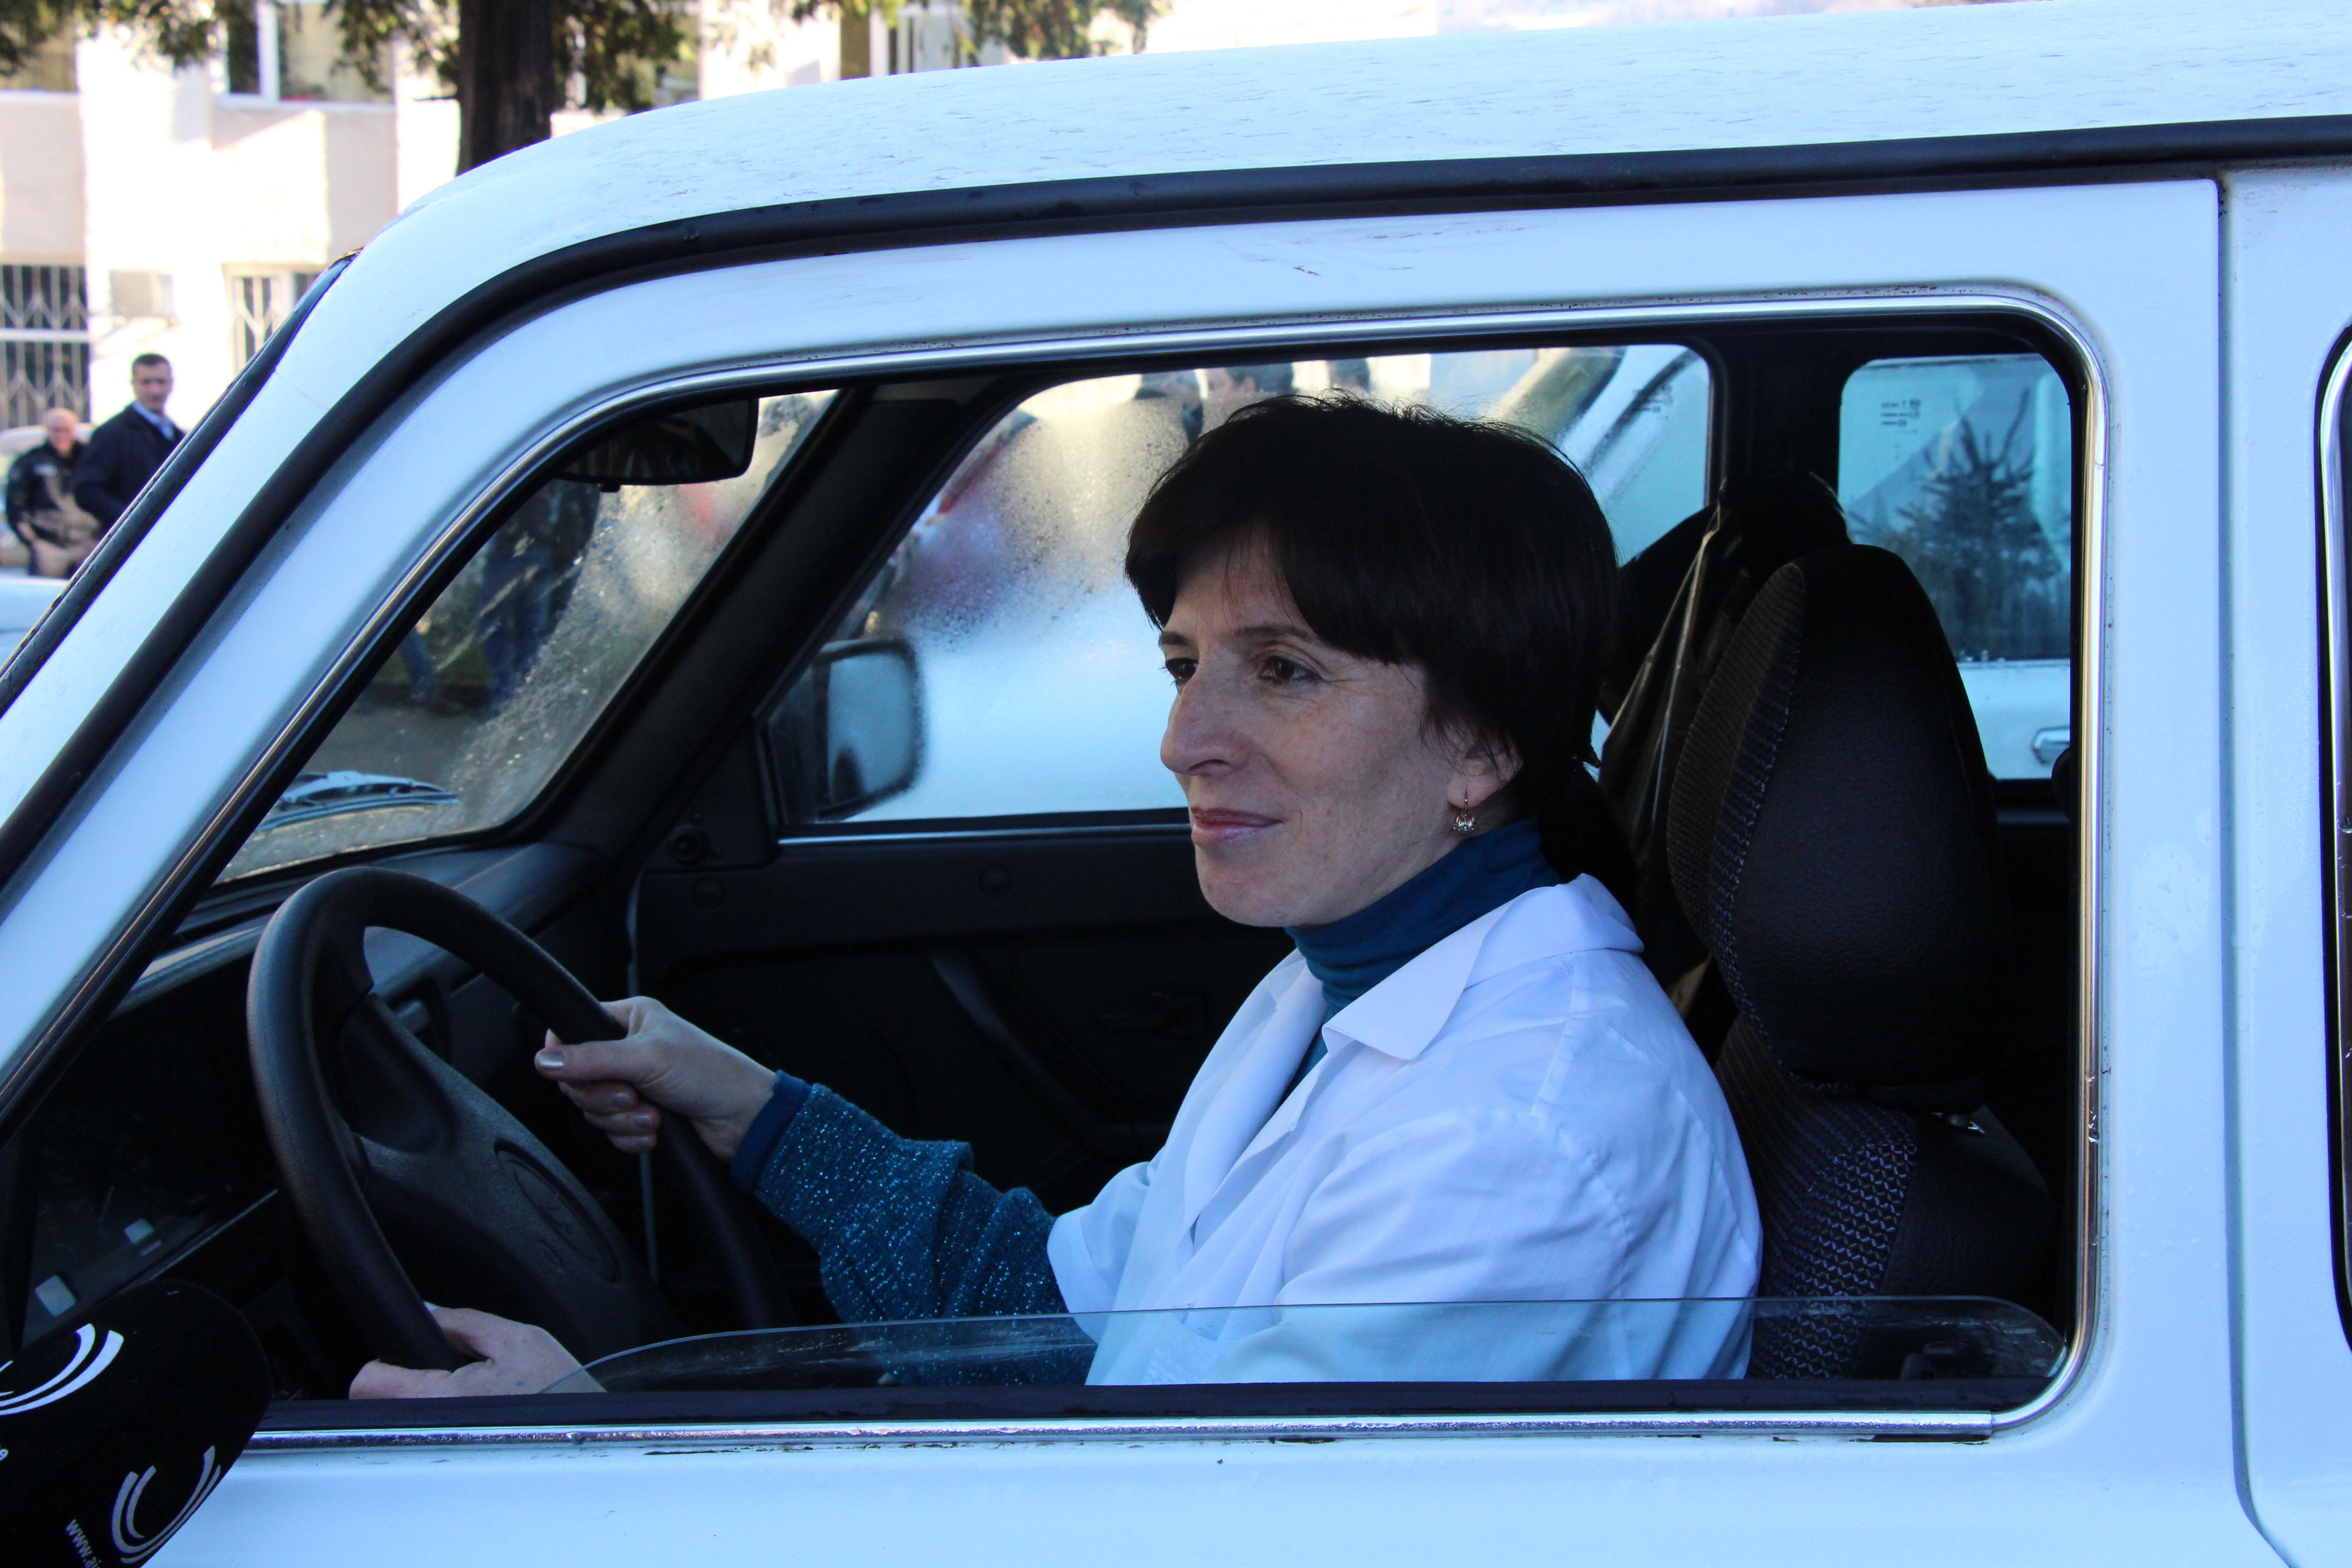 ქედის მუნიციპალიტეტის სოფლის ექიმებს ავტომანქანები გადაეცა